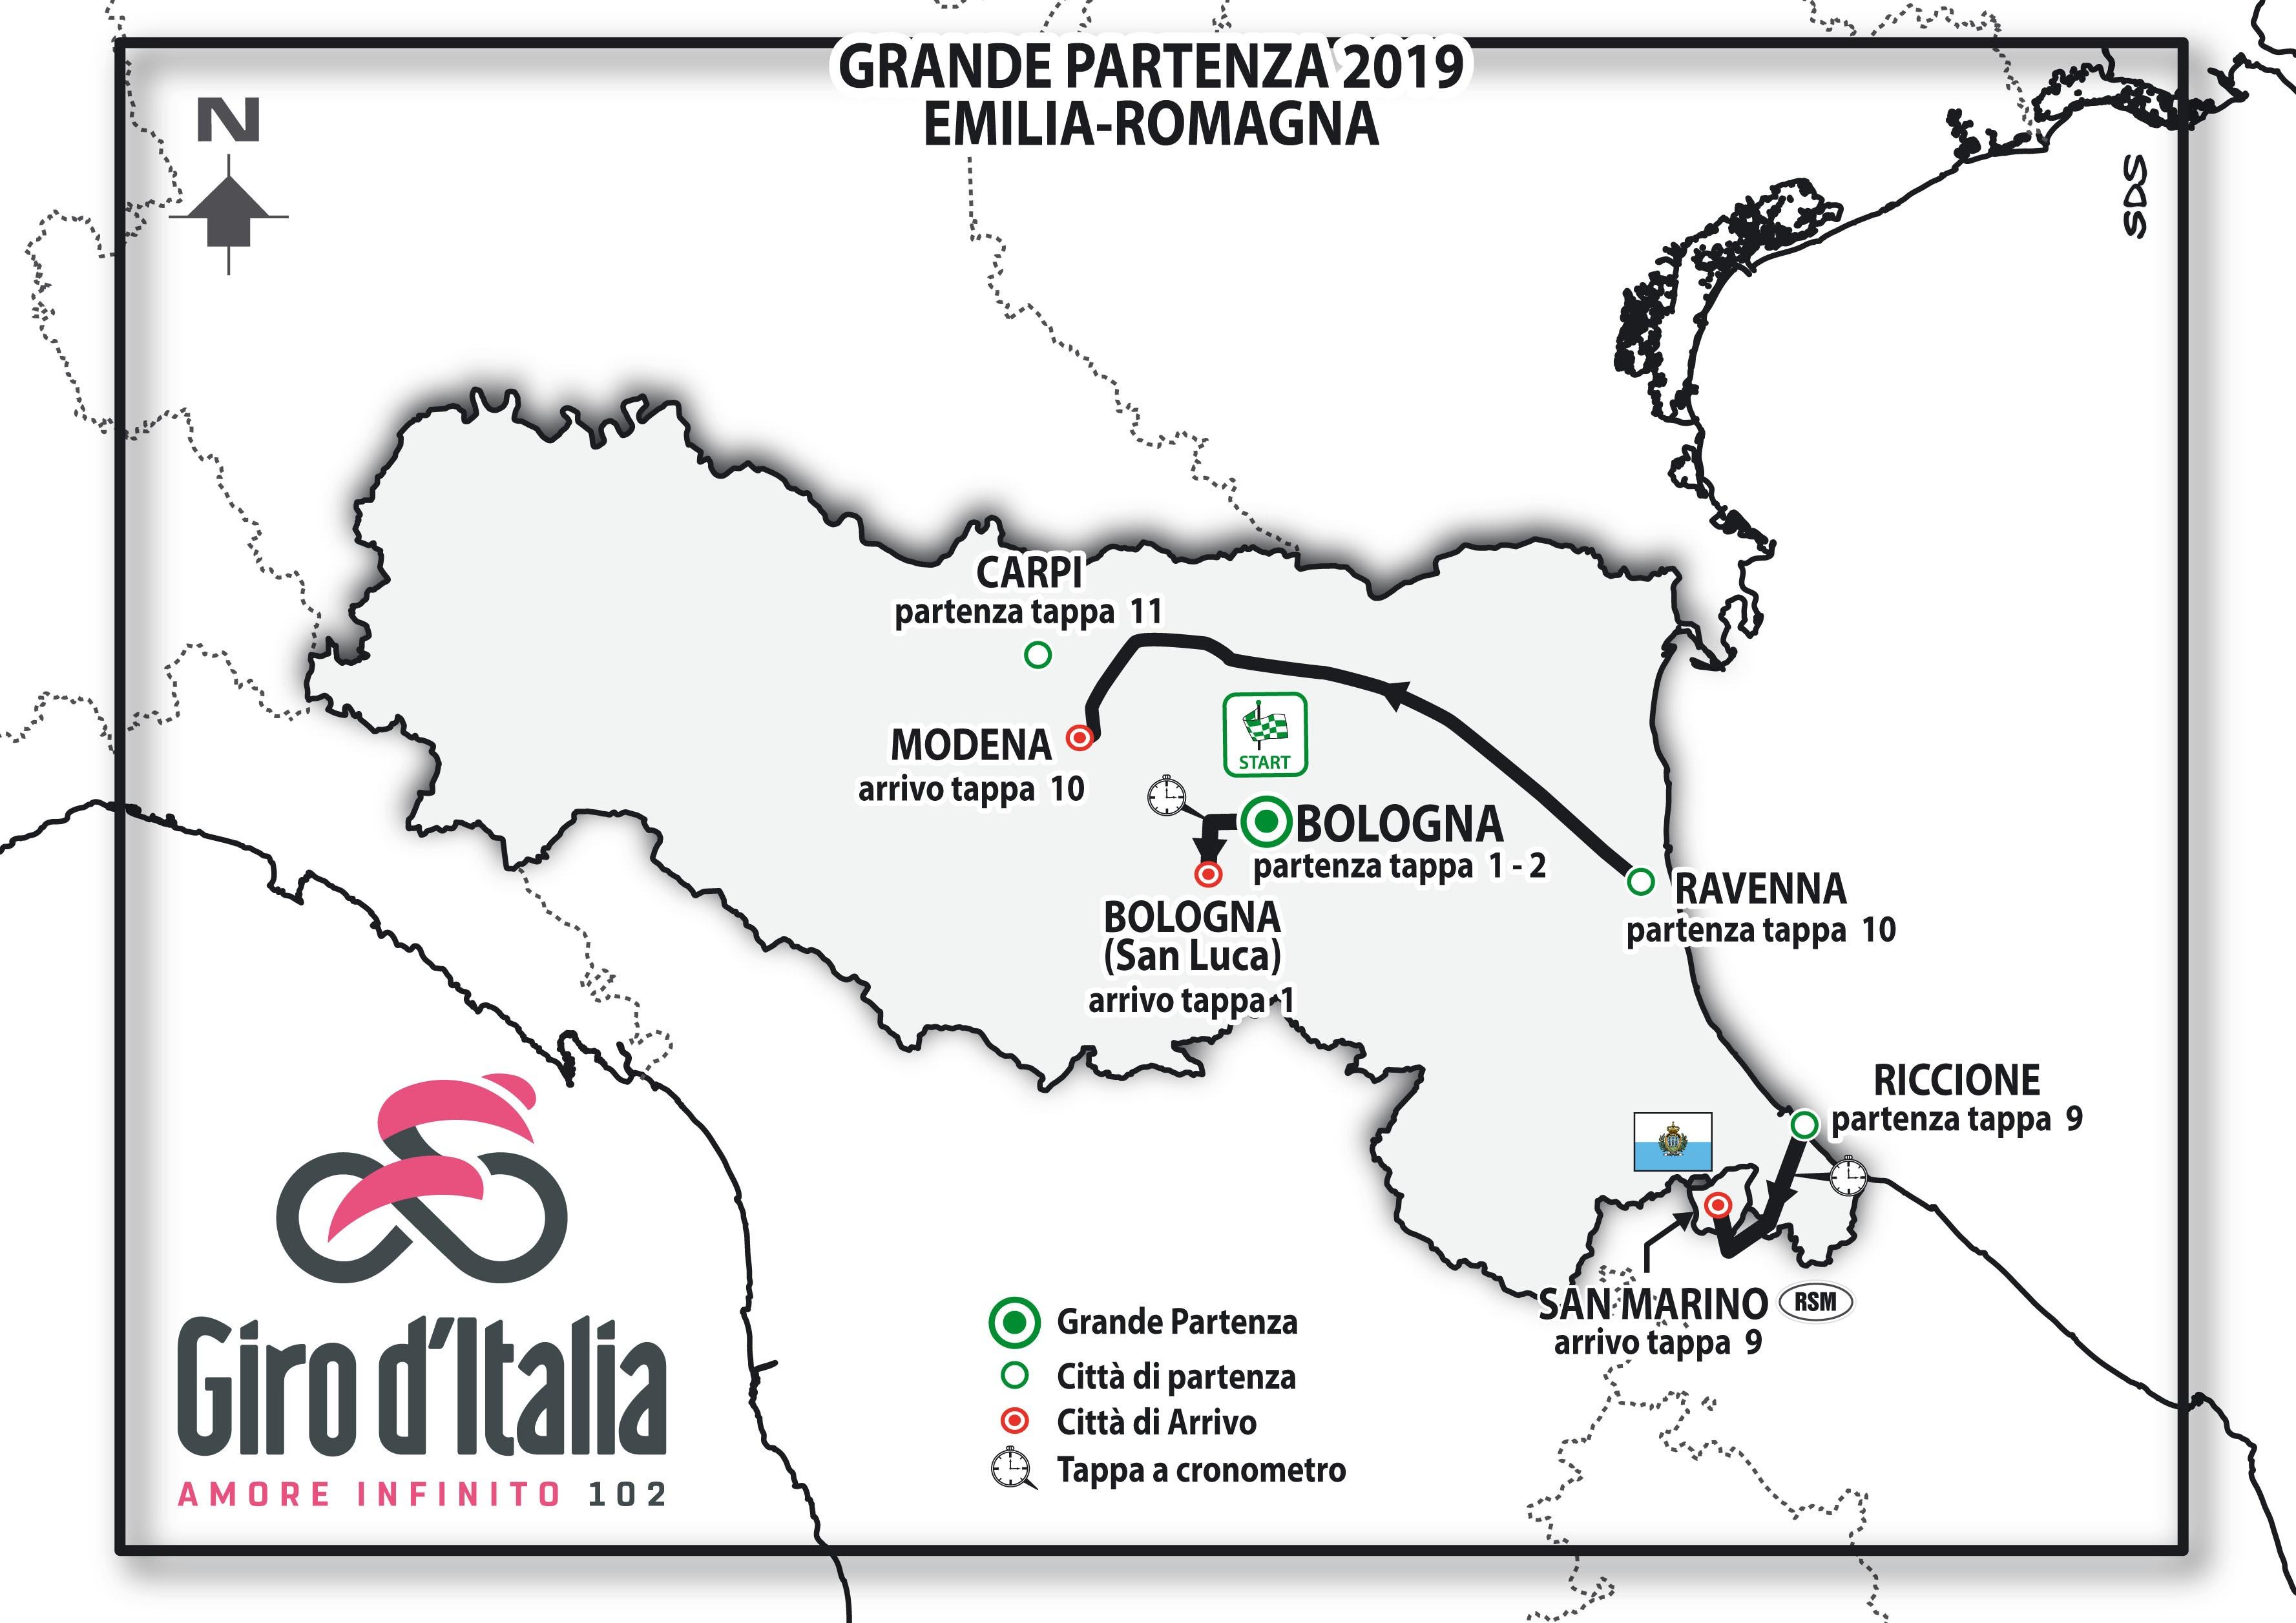 Il Giro d'Italia 2019 sceglie l'Emilia-Romagna. Modena e Carpi tra le protagoniste